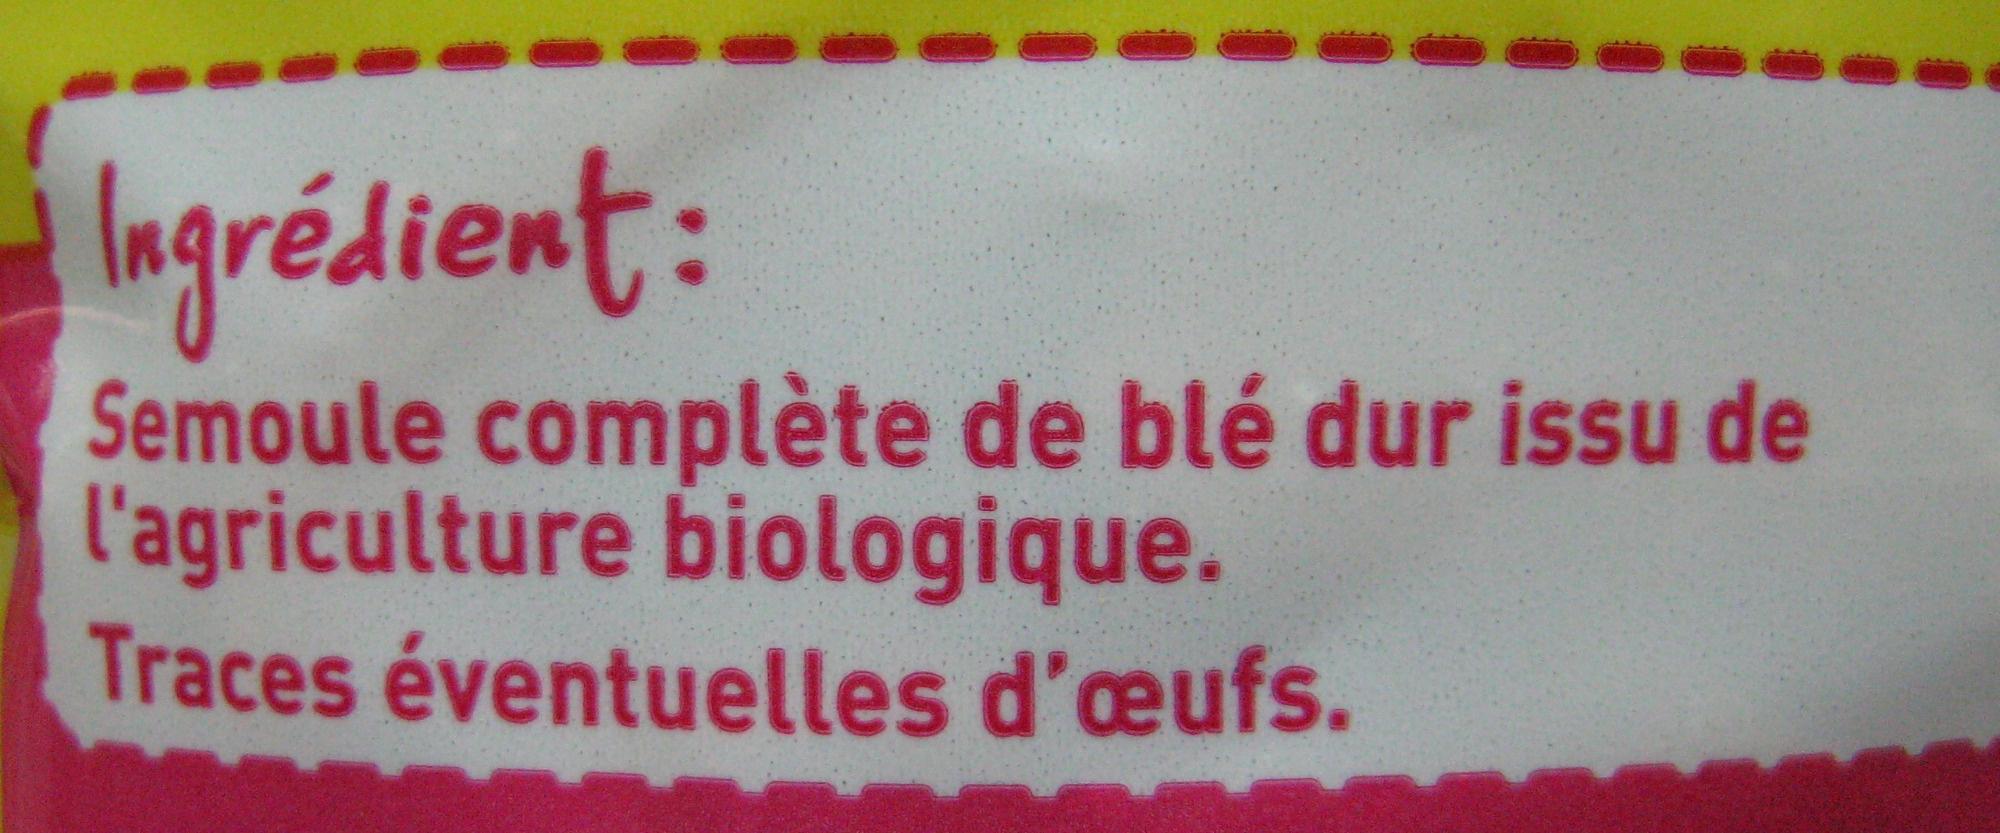 Penne au blé intégral Bio - Ingrédients - fr